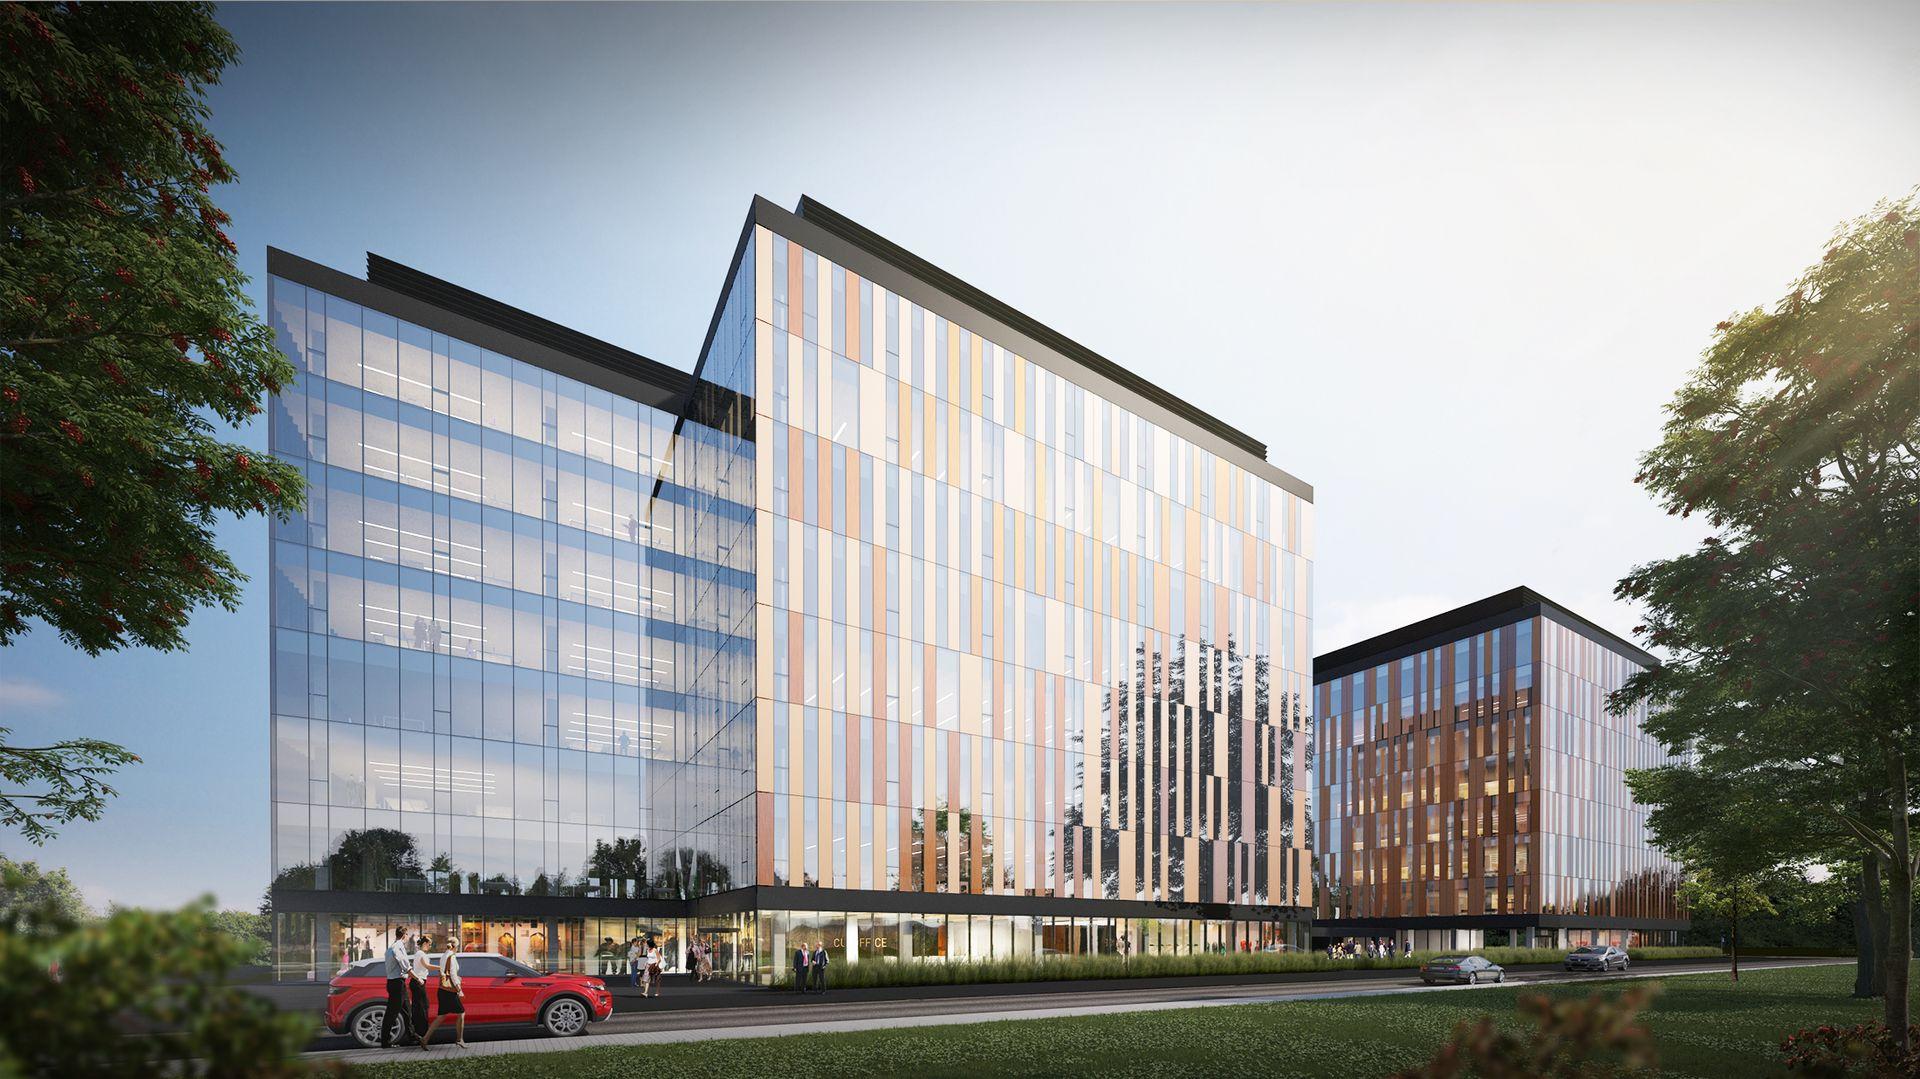 [Wrocław] Colliers International zajmie się komercjalizacją kompleksu biurowego Cu Office